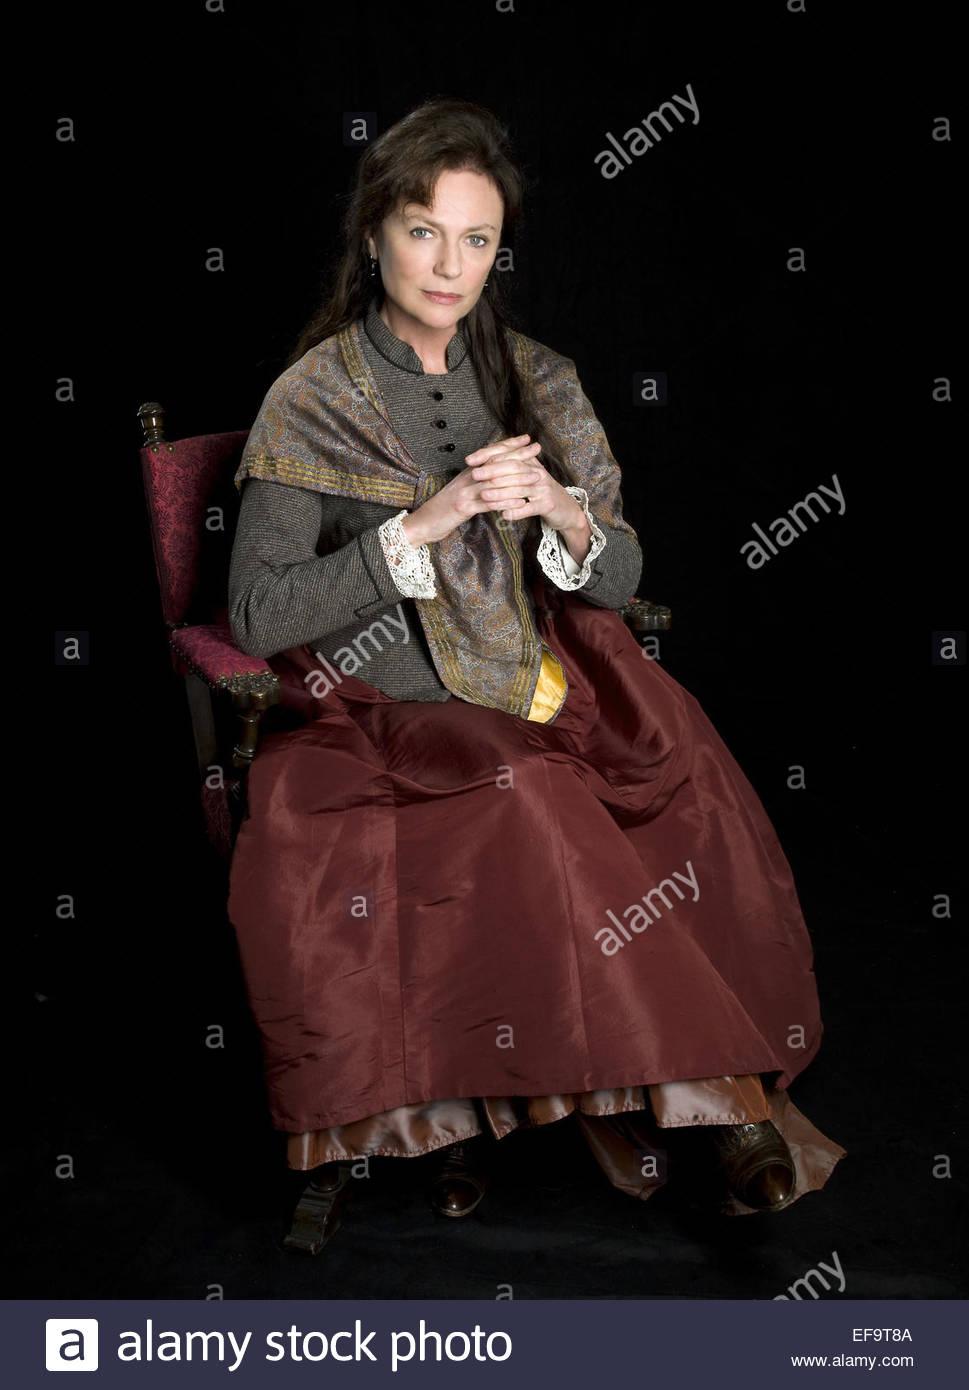 JACQUELINE BISSET EINE ALTE ALTMODISCHE THANKSGIVING (2008) Stockfoto